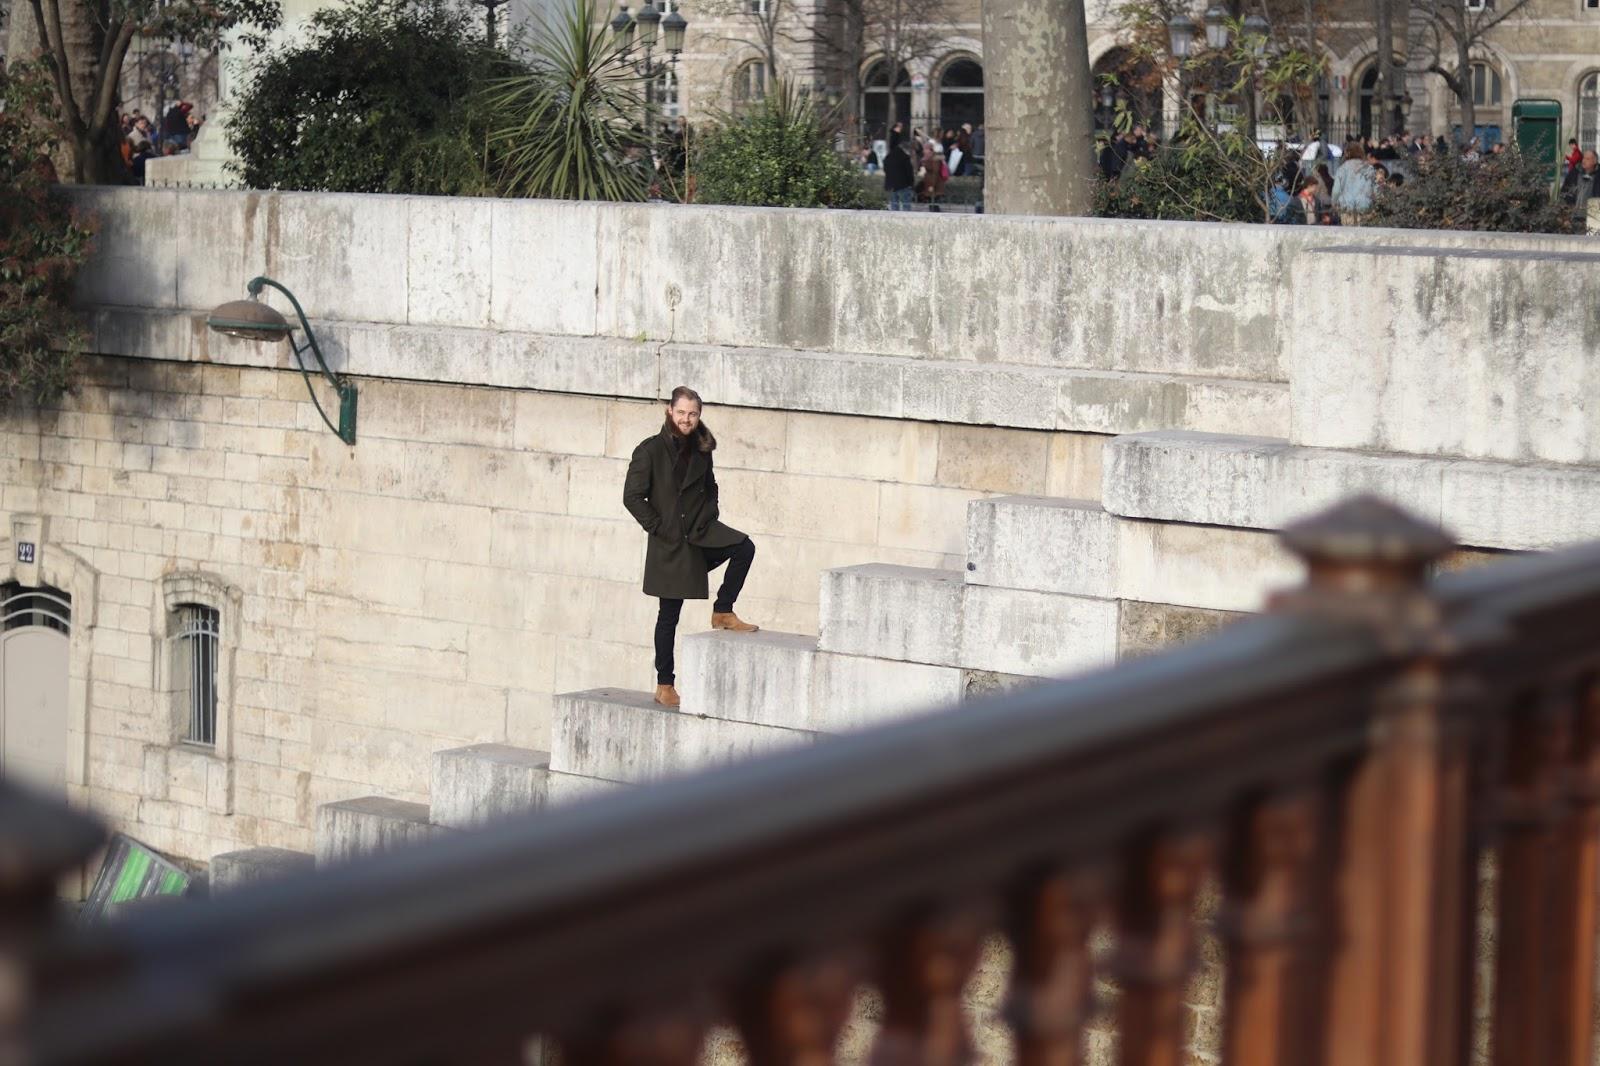 Paris, France, KALANCHOE, Ben Heath